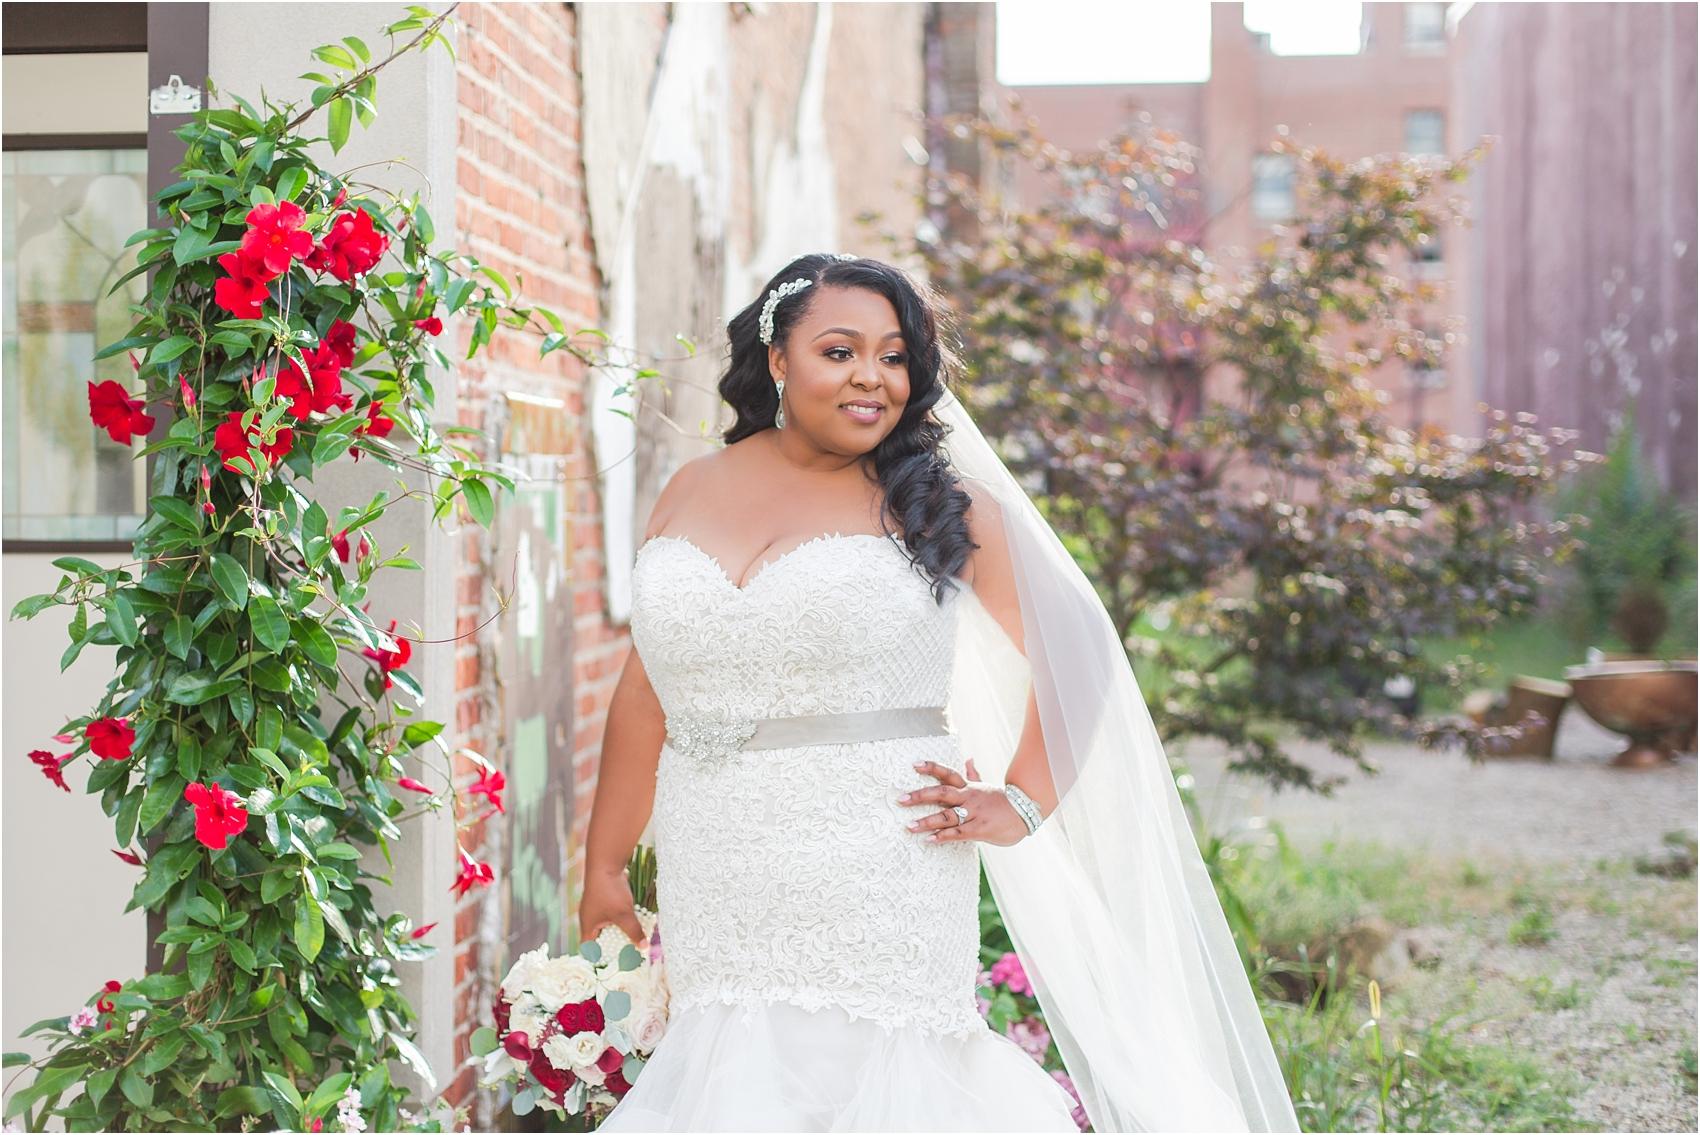 minimalist-and-modern-wedding-photos-at-30-north-saginaw-in-pontiac-michigan-by-courtney-carolyn-photography_0058.jpg